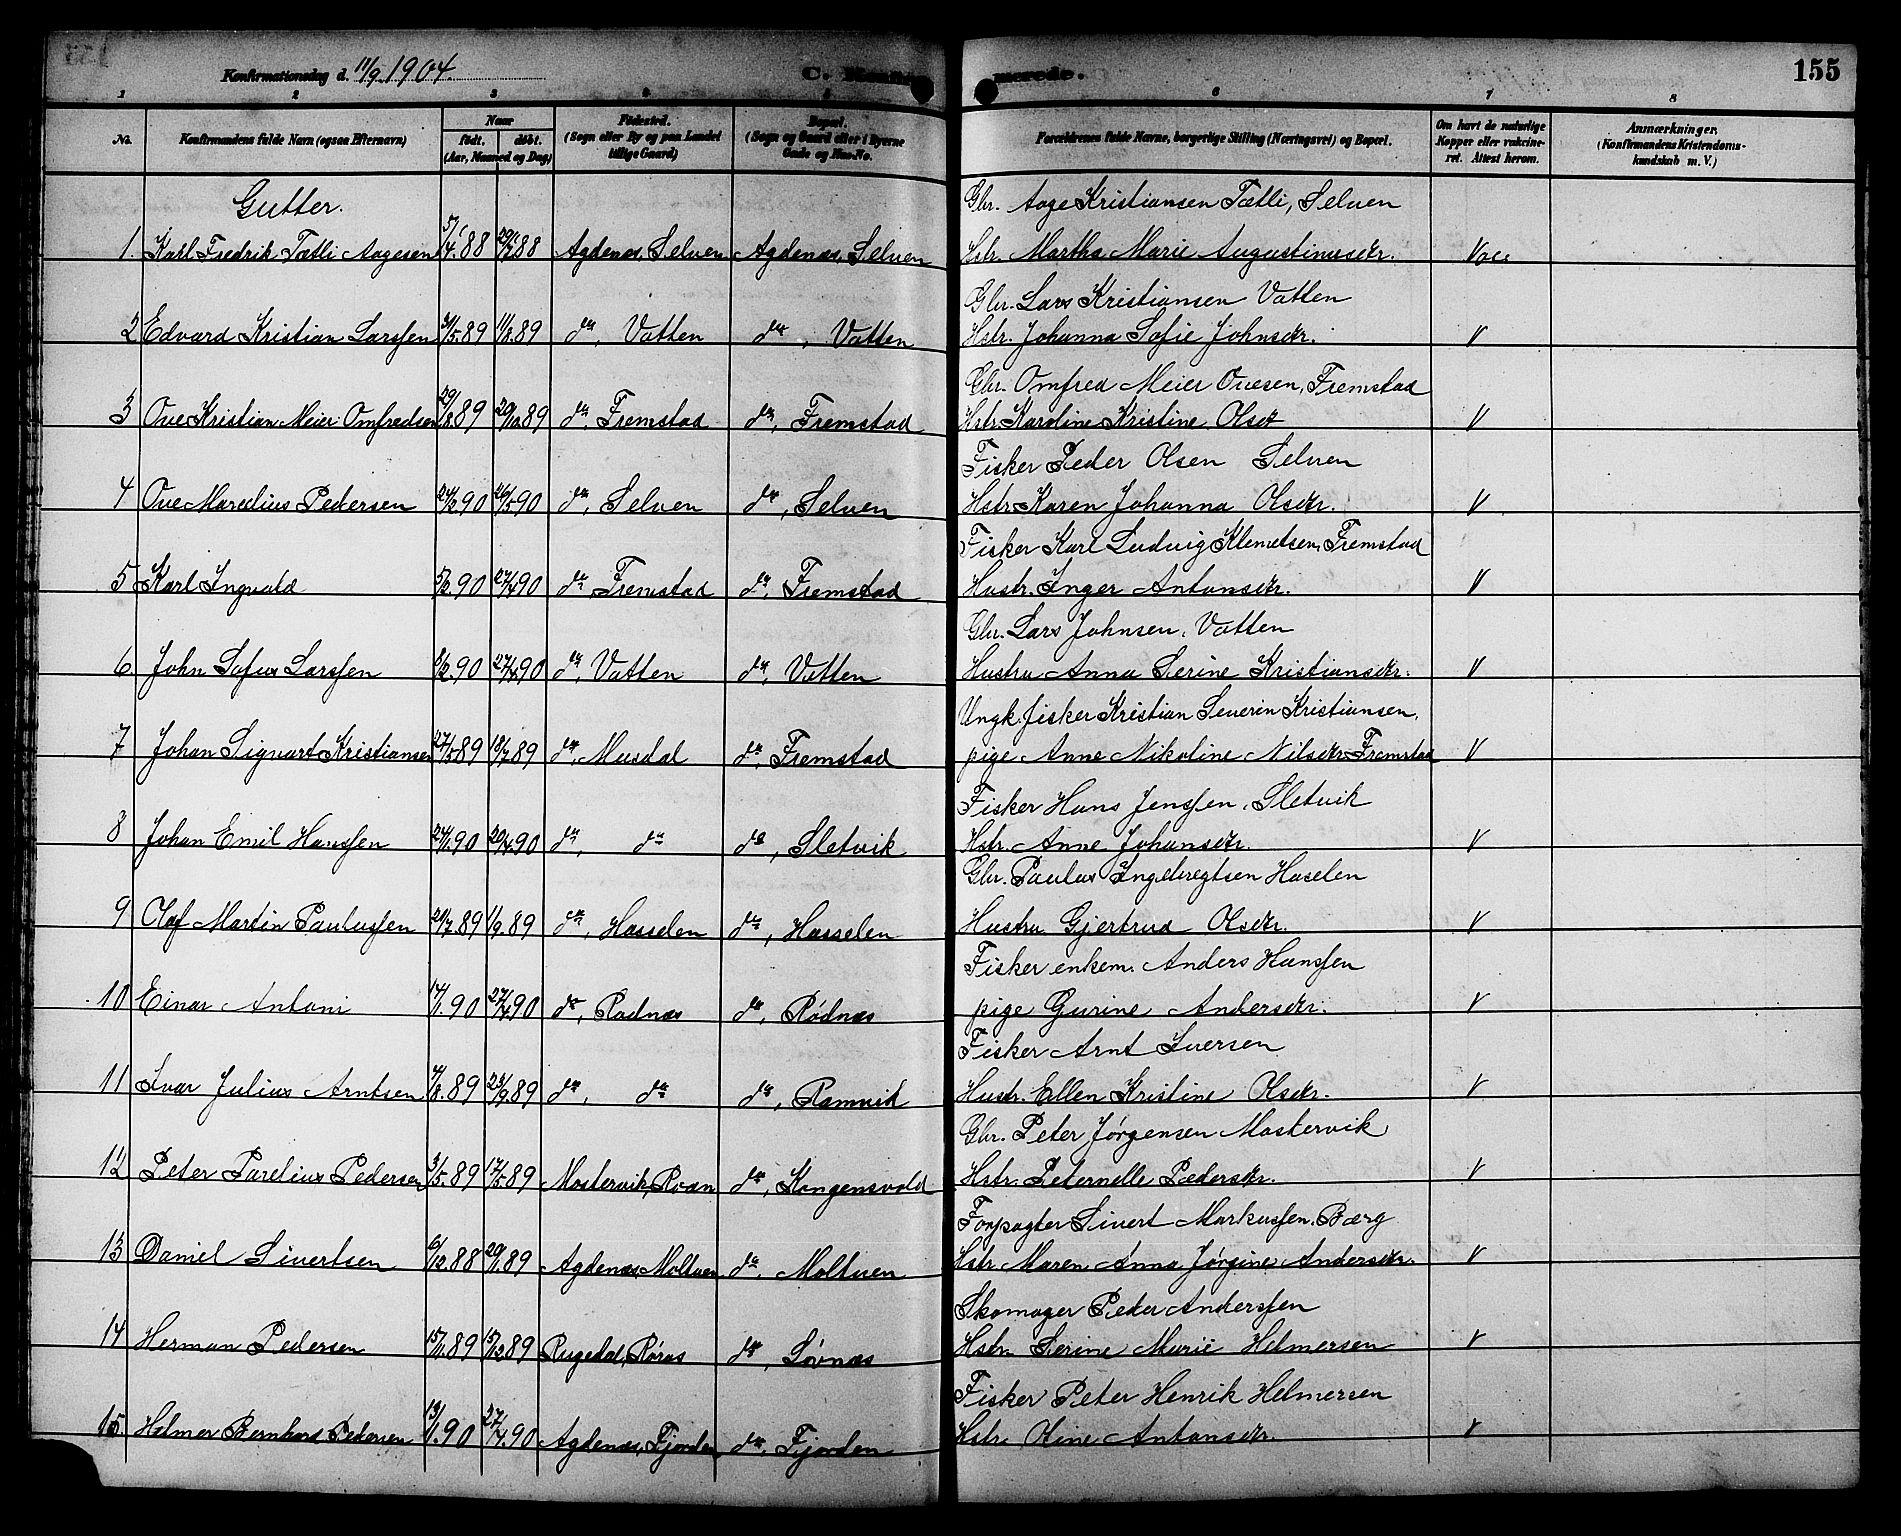 SAT, Ministerialprotokoller, klokkerbøker og fødselsregistre - Sør-Trøndelag, 662/L0757: Klokkerbok nr. 662C02, 1892-1918, s. 155